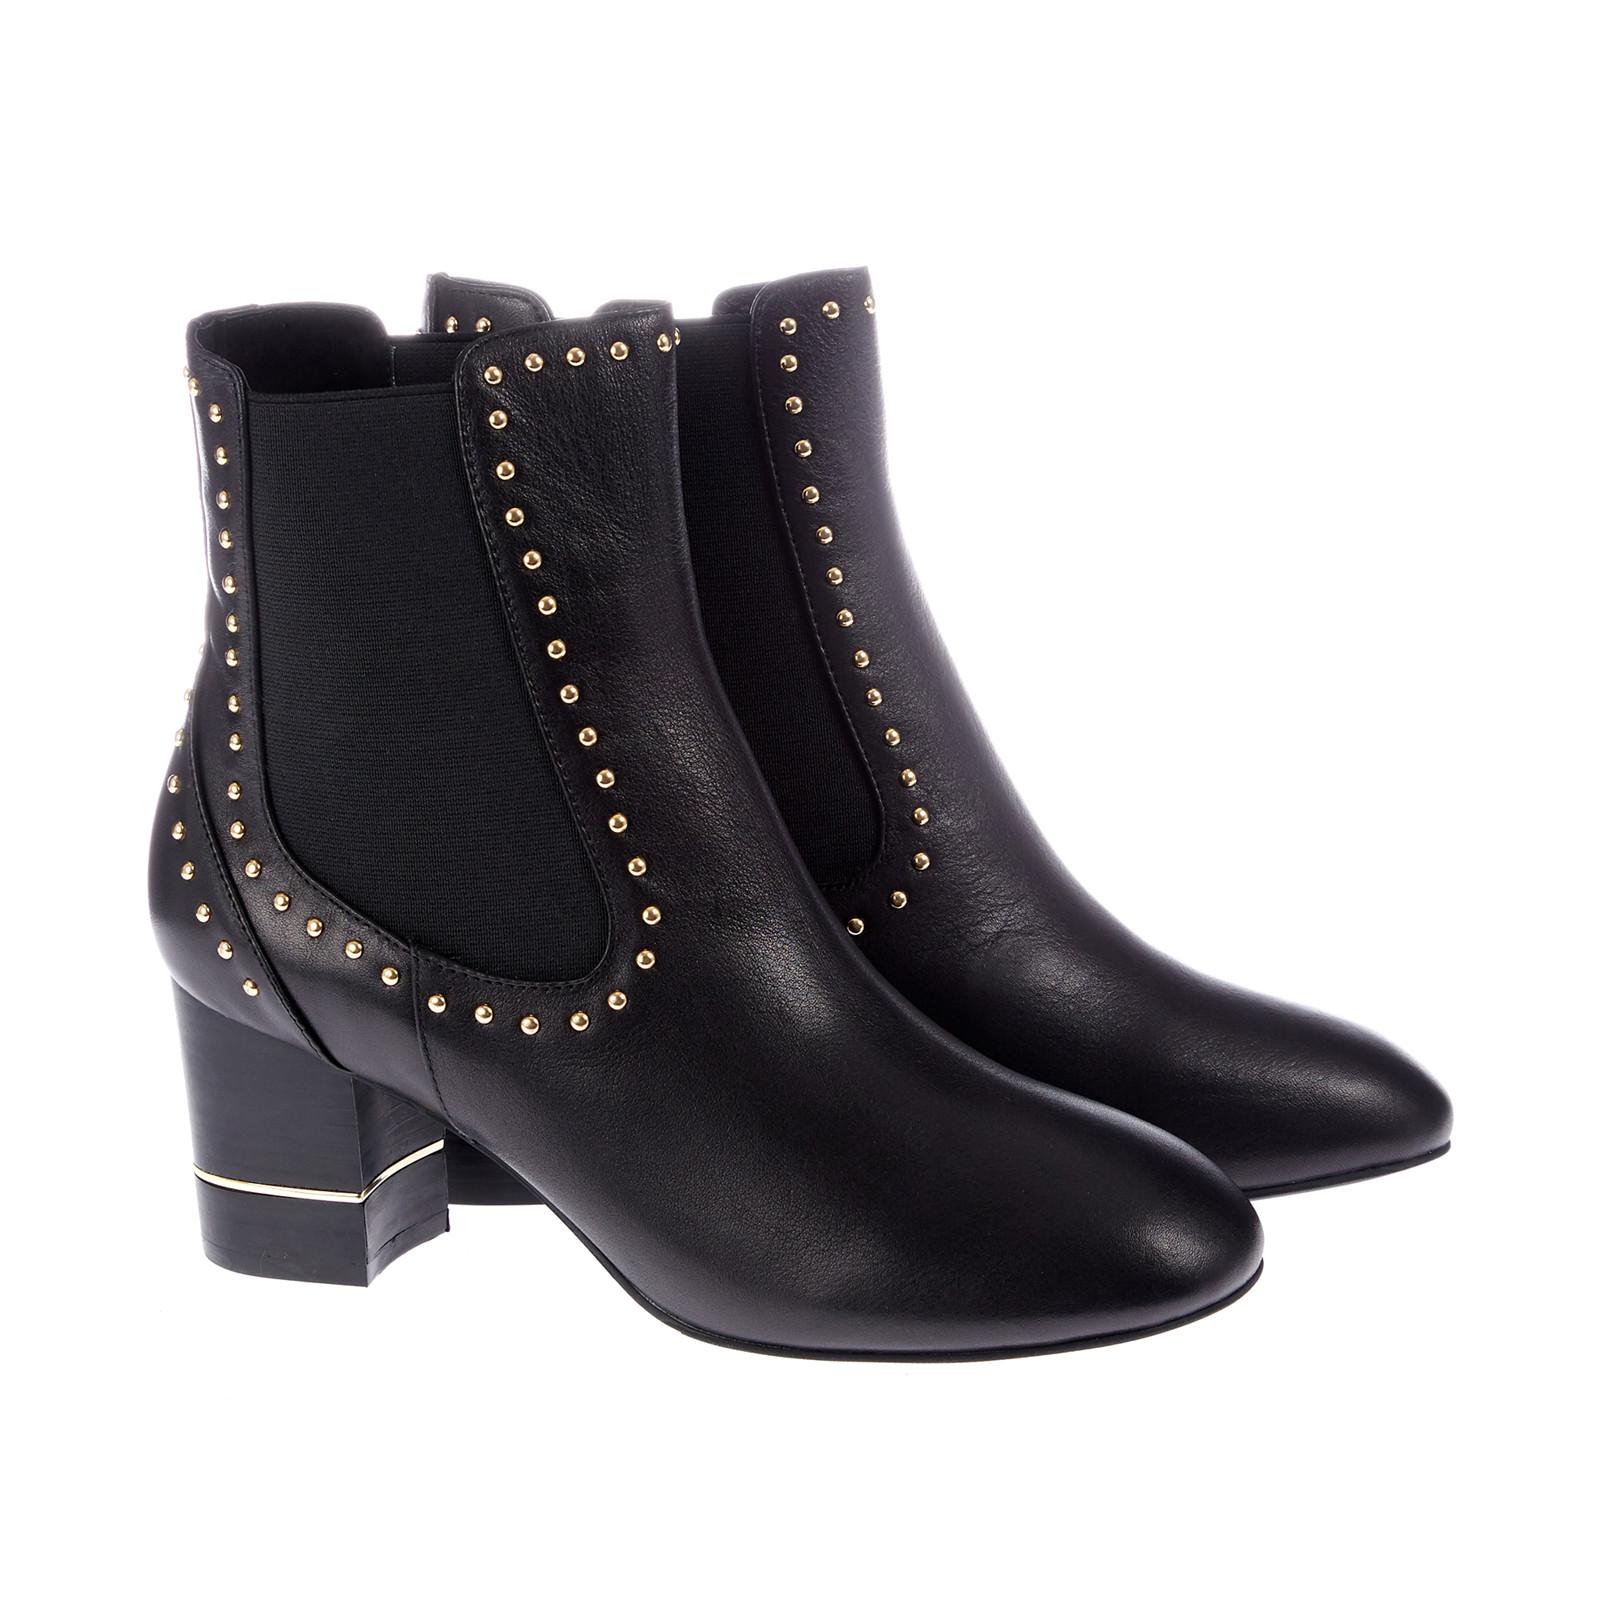 fa9a3f83d5b0 Støvle med guld detaljer og bred hæl fra Sofie Schnoor